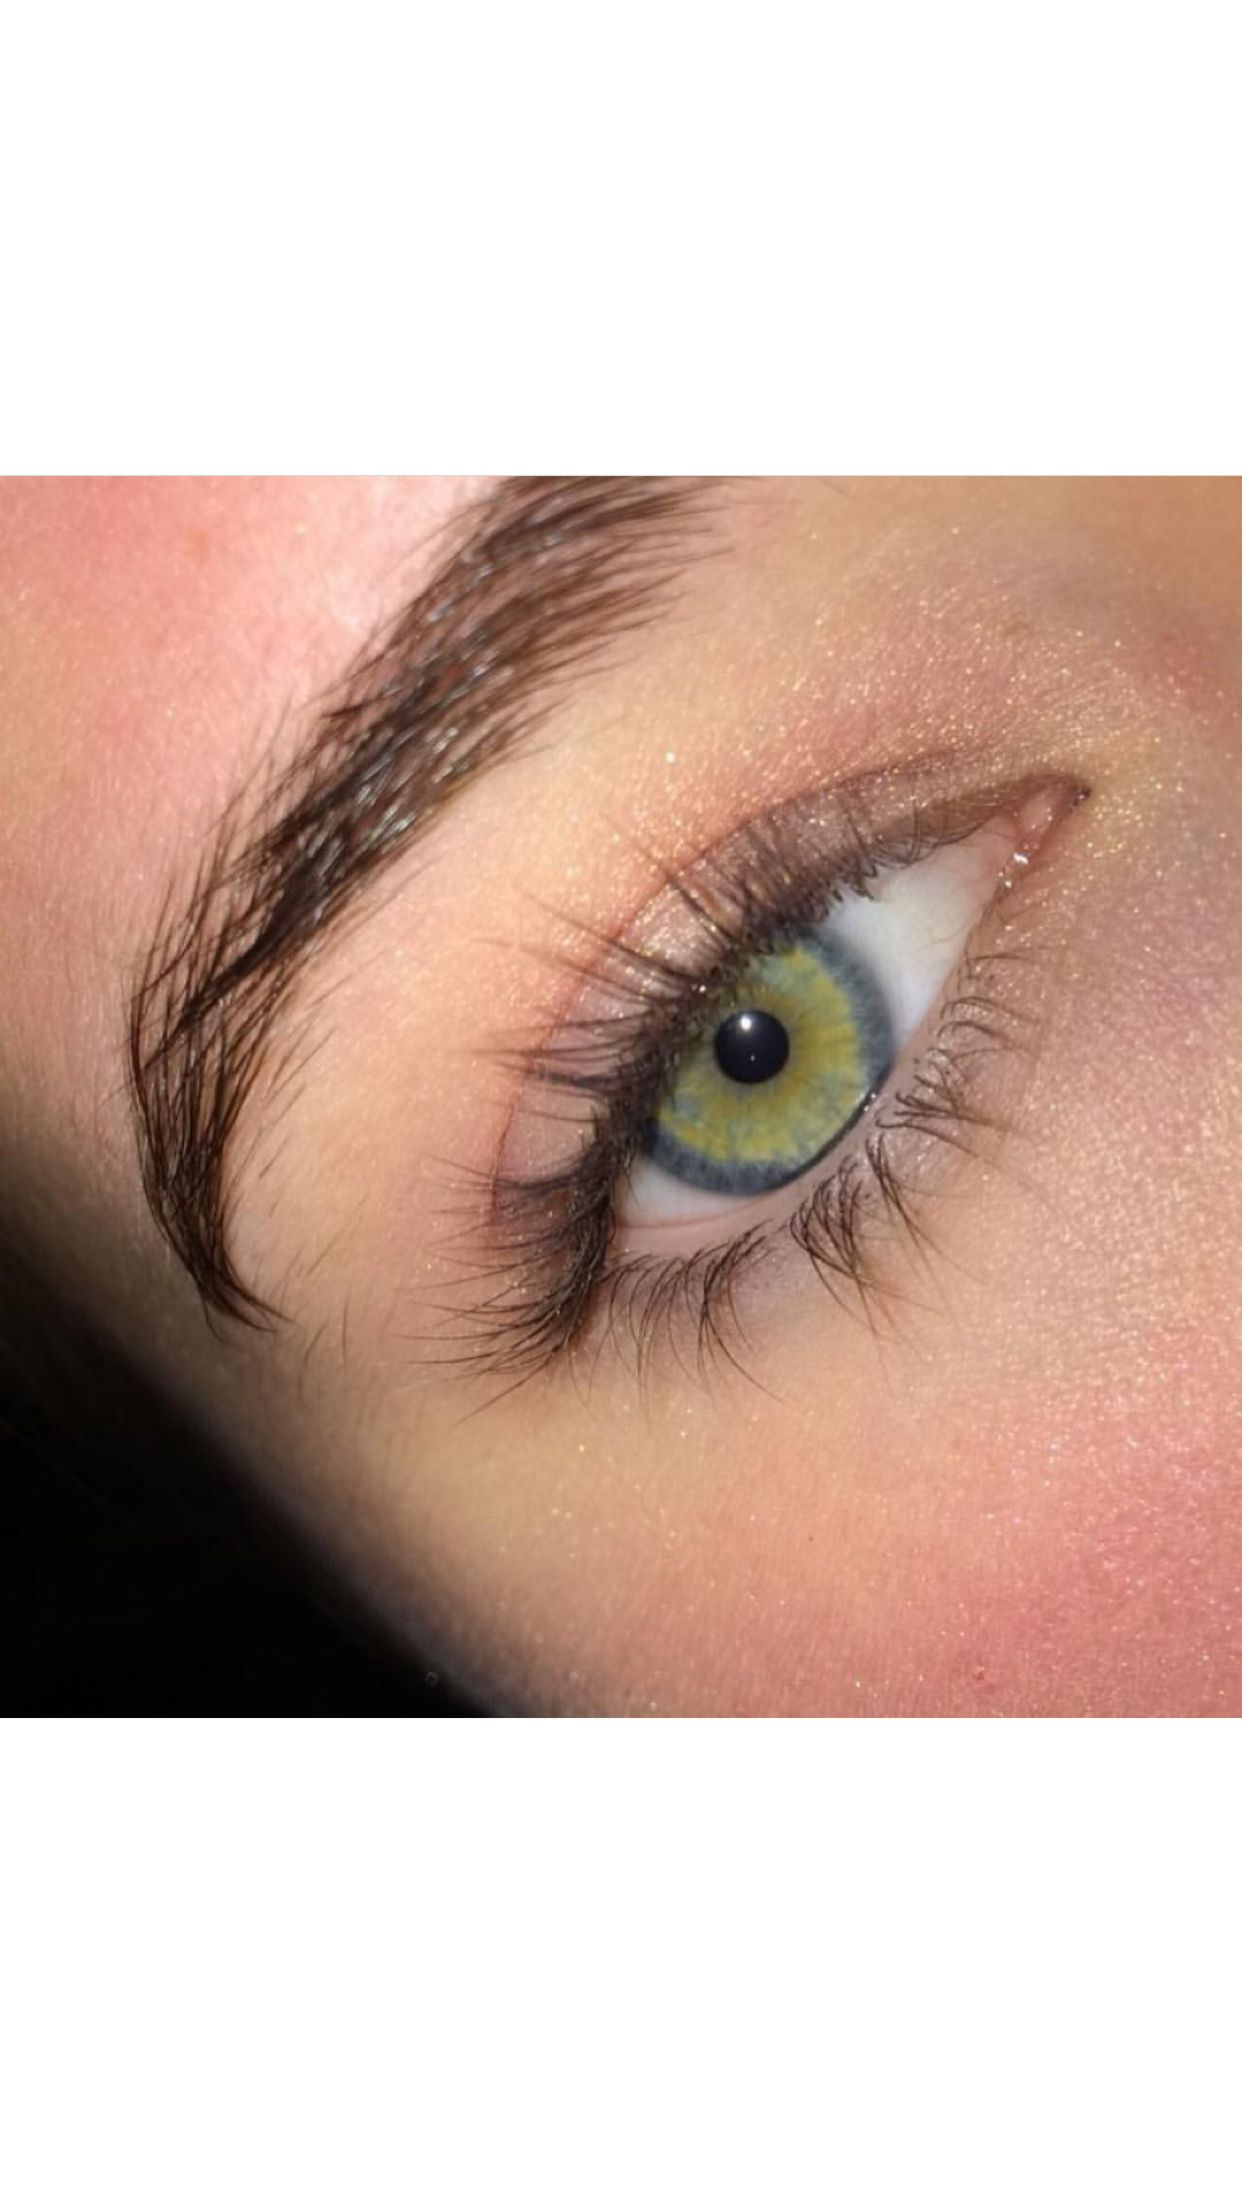 Kolor oczu zielony. Jaki kolor oczu bêdzie mieæ wasze